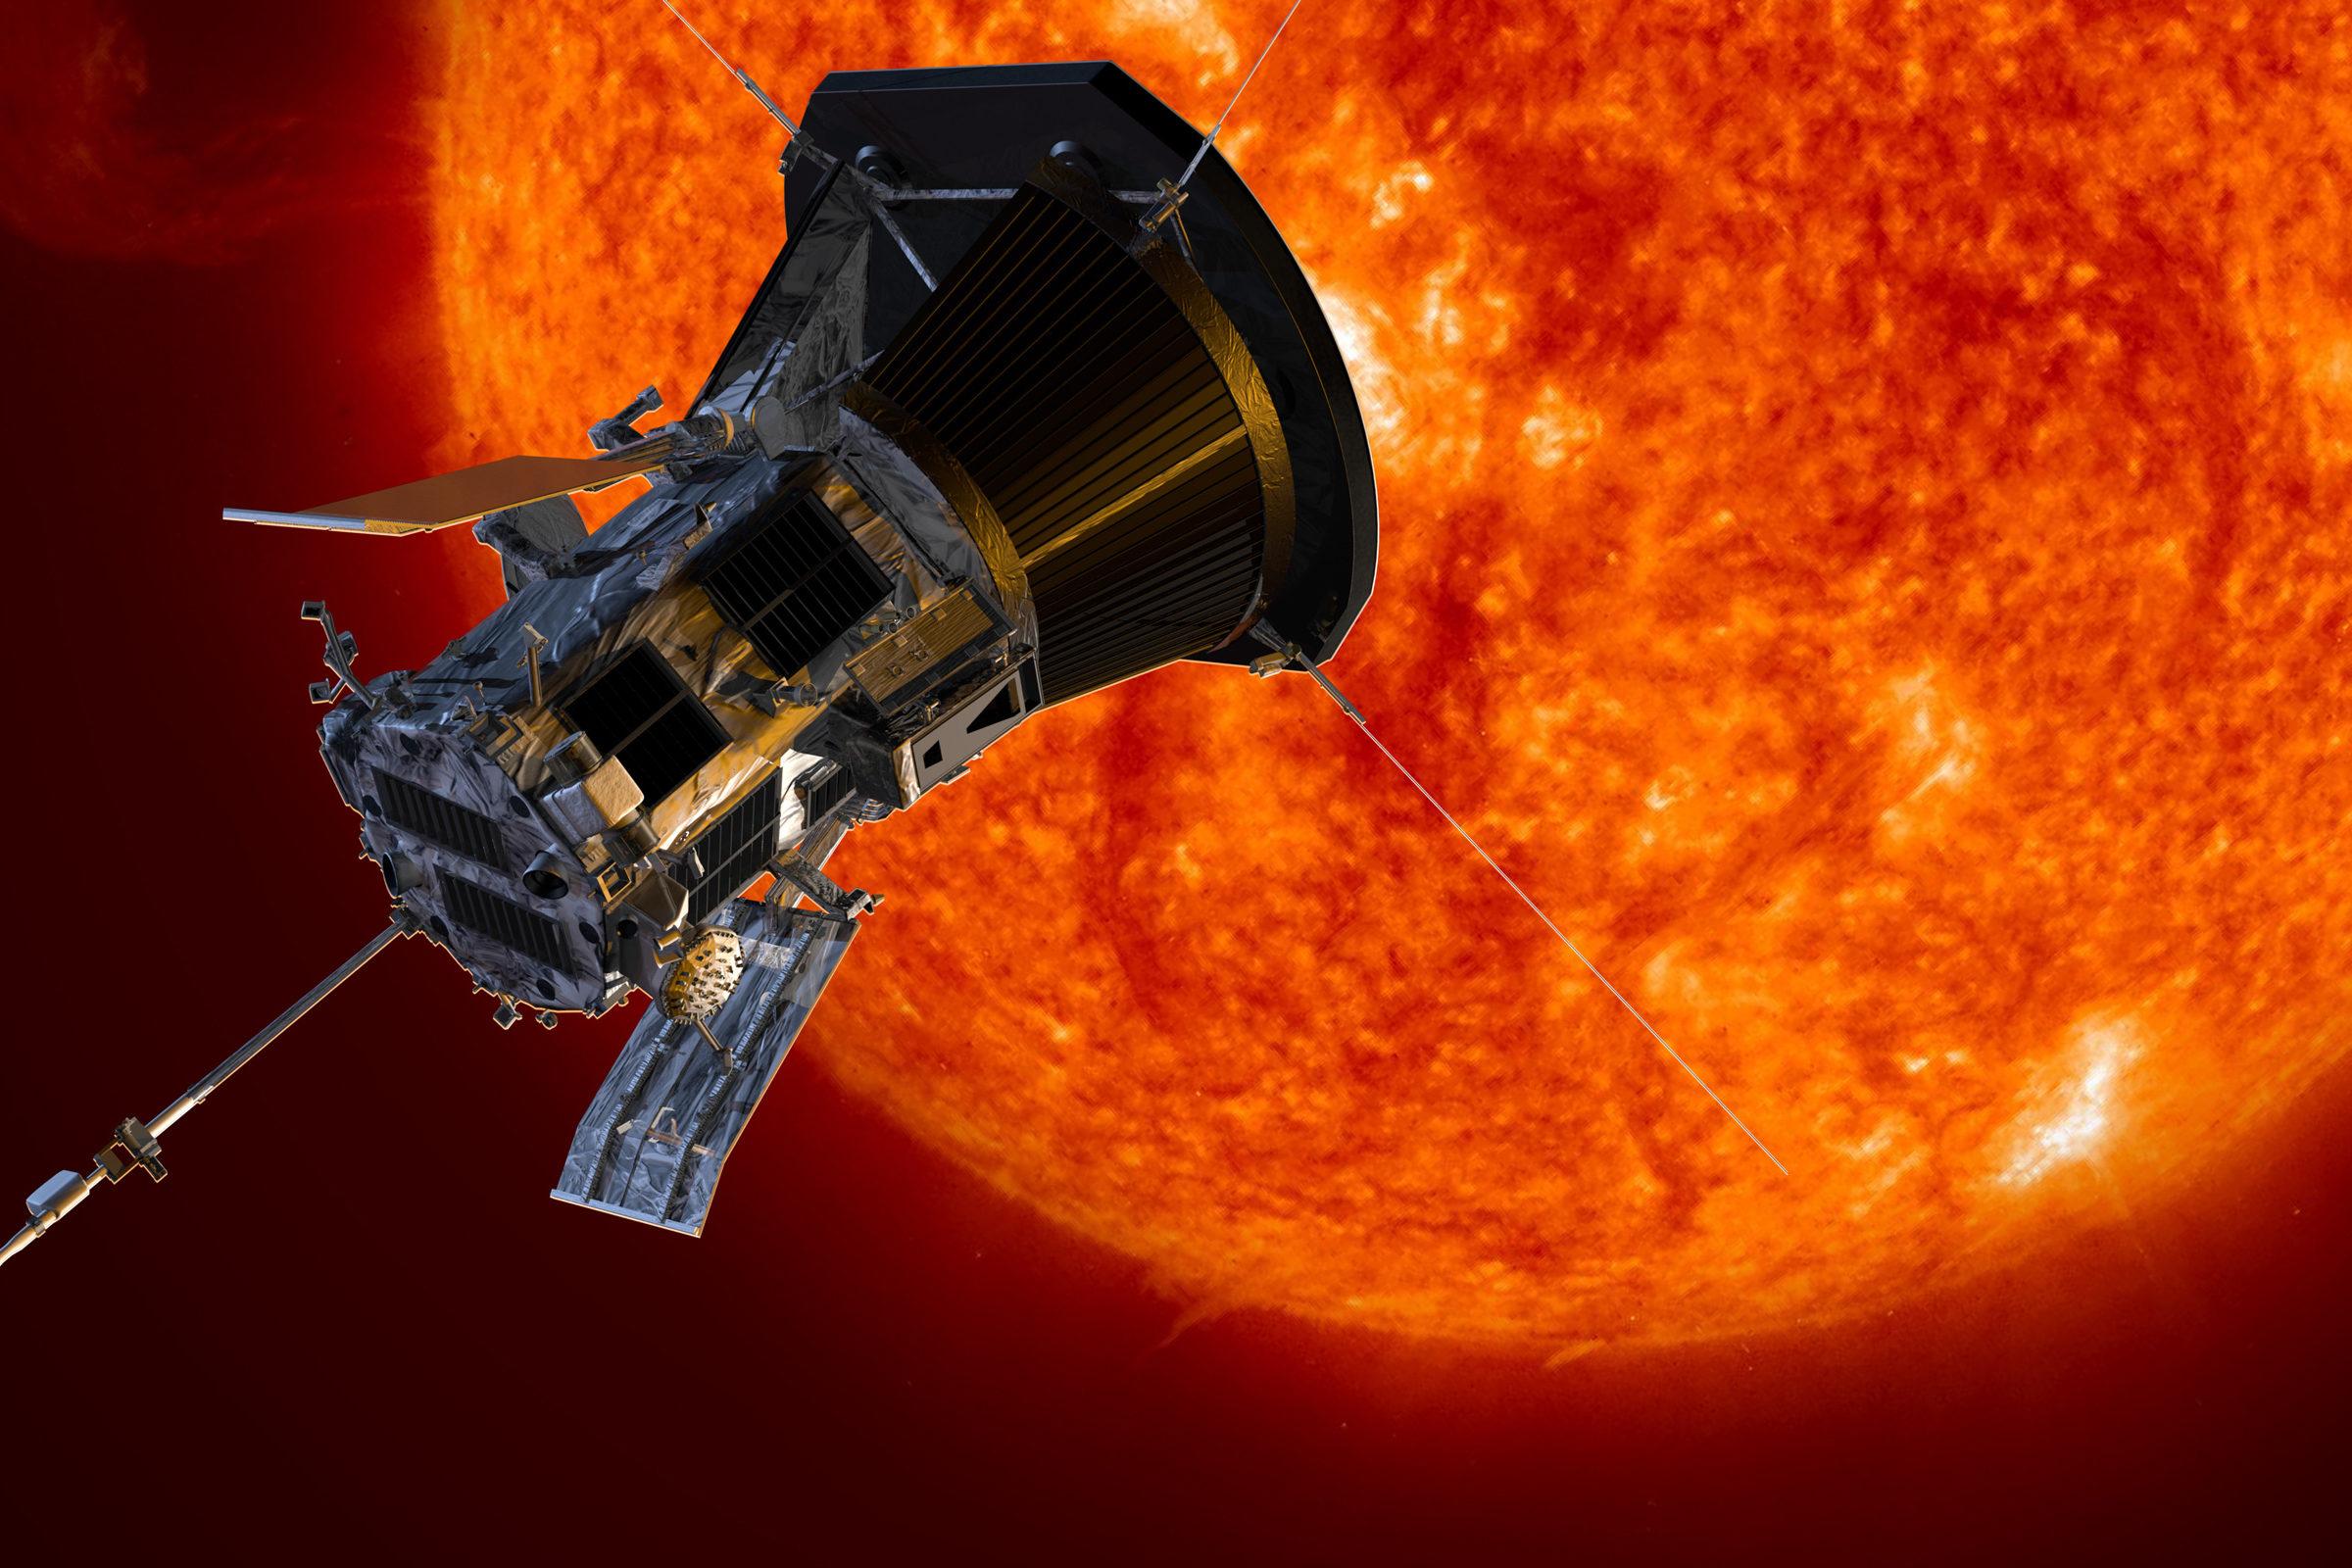 Esta es la primera imagen tomada desde la atmósfera del Sol